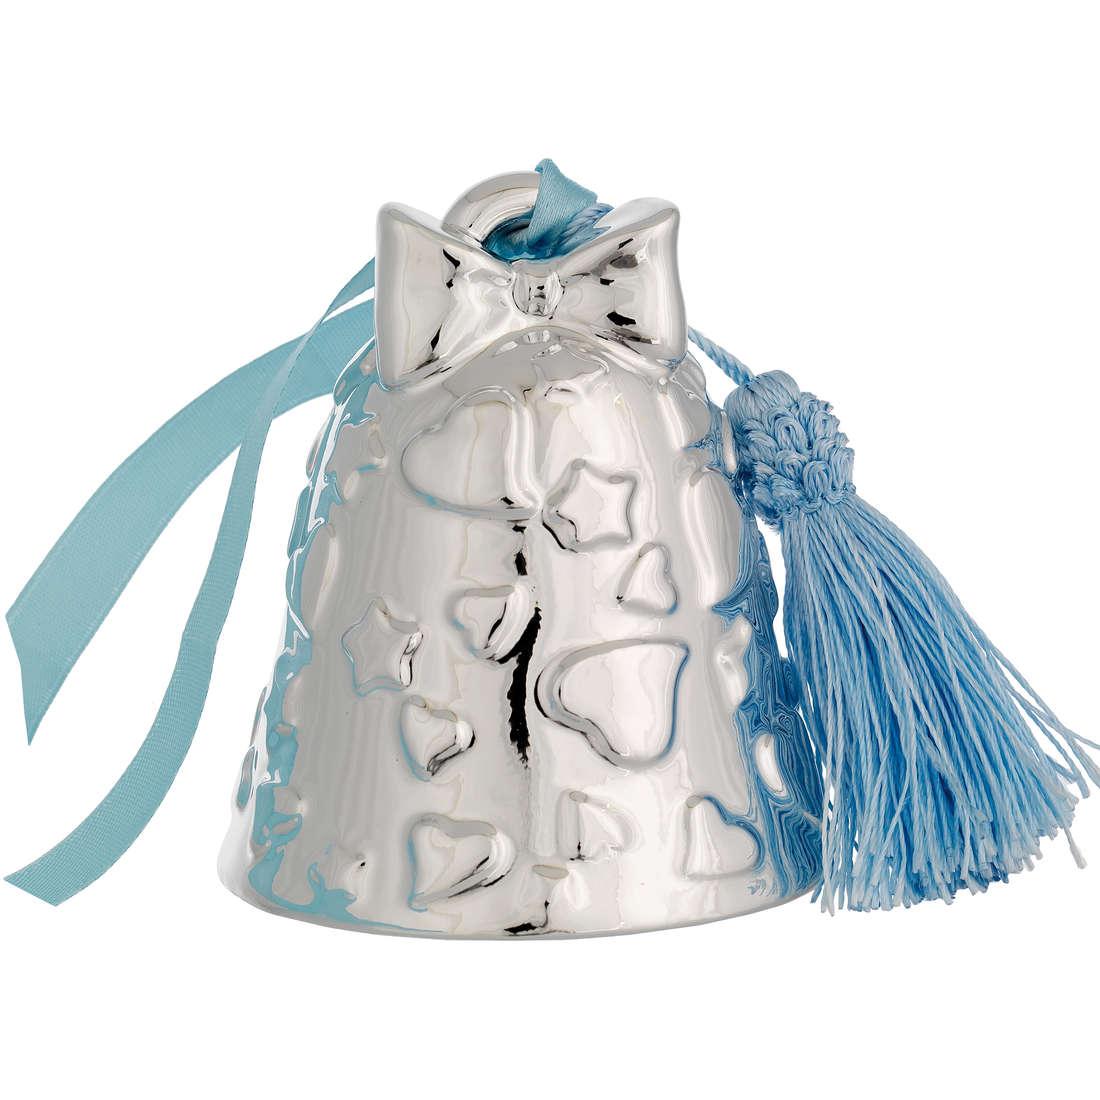 accessori neonato Bagutta Baguttino B 4159-03